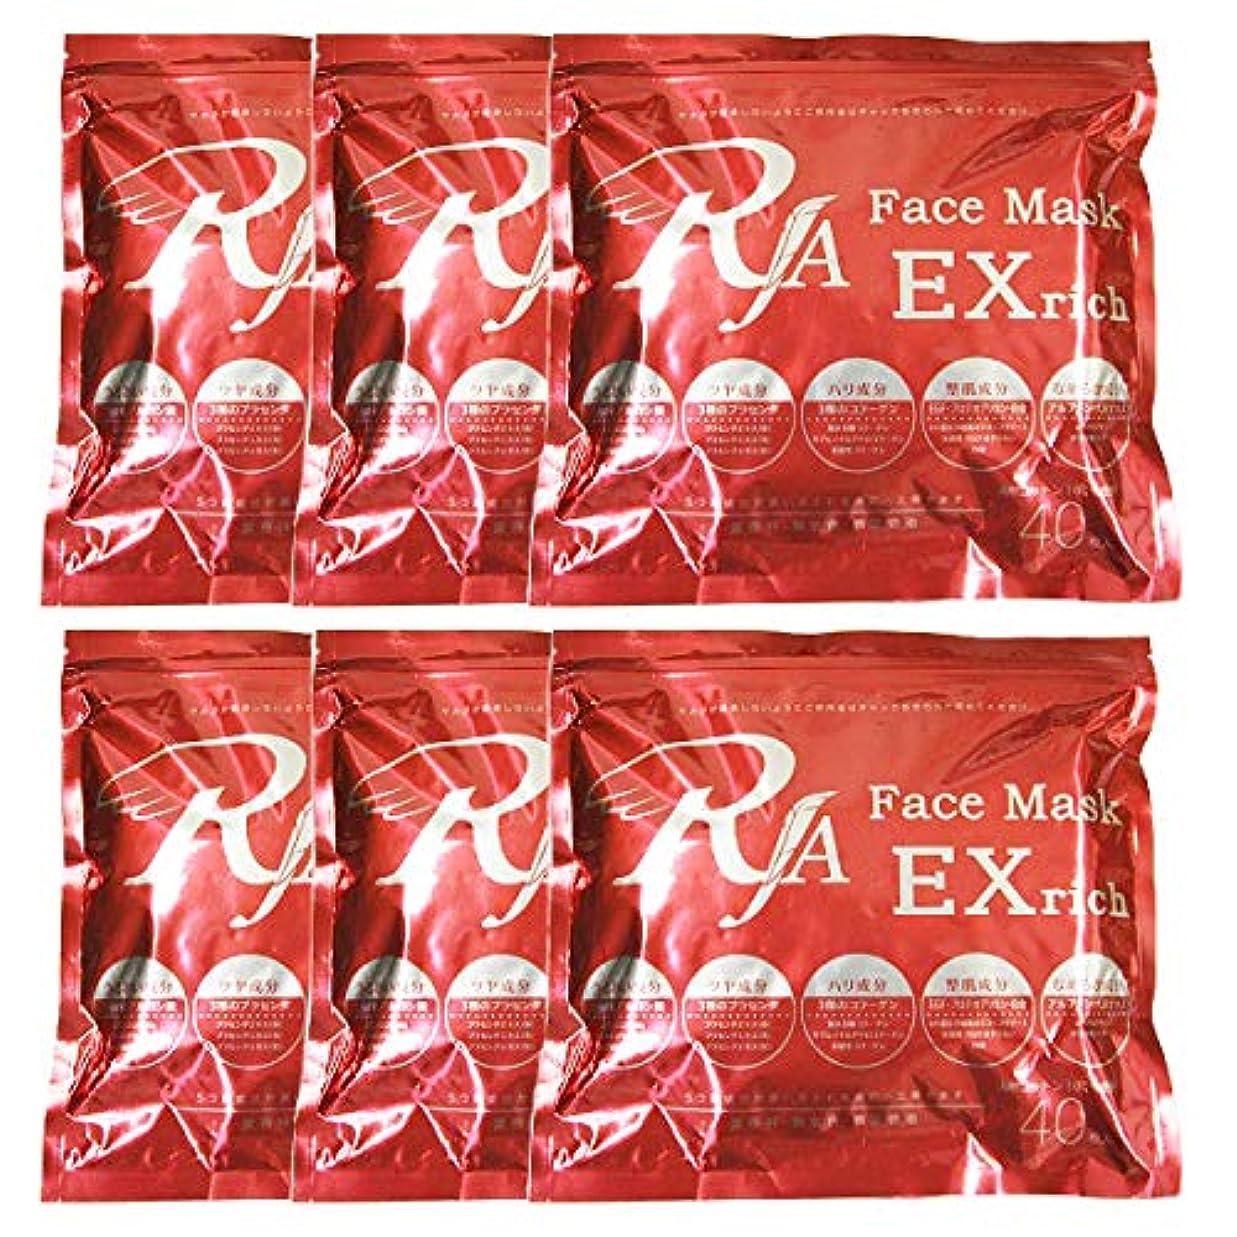 新聞前奏曲オープニングTBS公式/RJA フェイス マスク EXrich 240枚入(40枚×6袋) エステ使用の実力派フェイスマスク!1枚に約11mlもの美容液